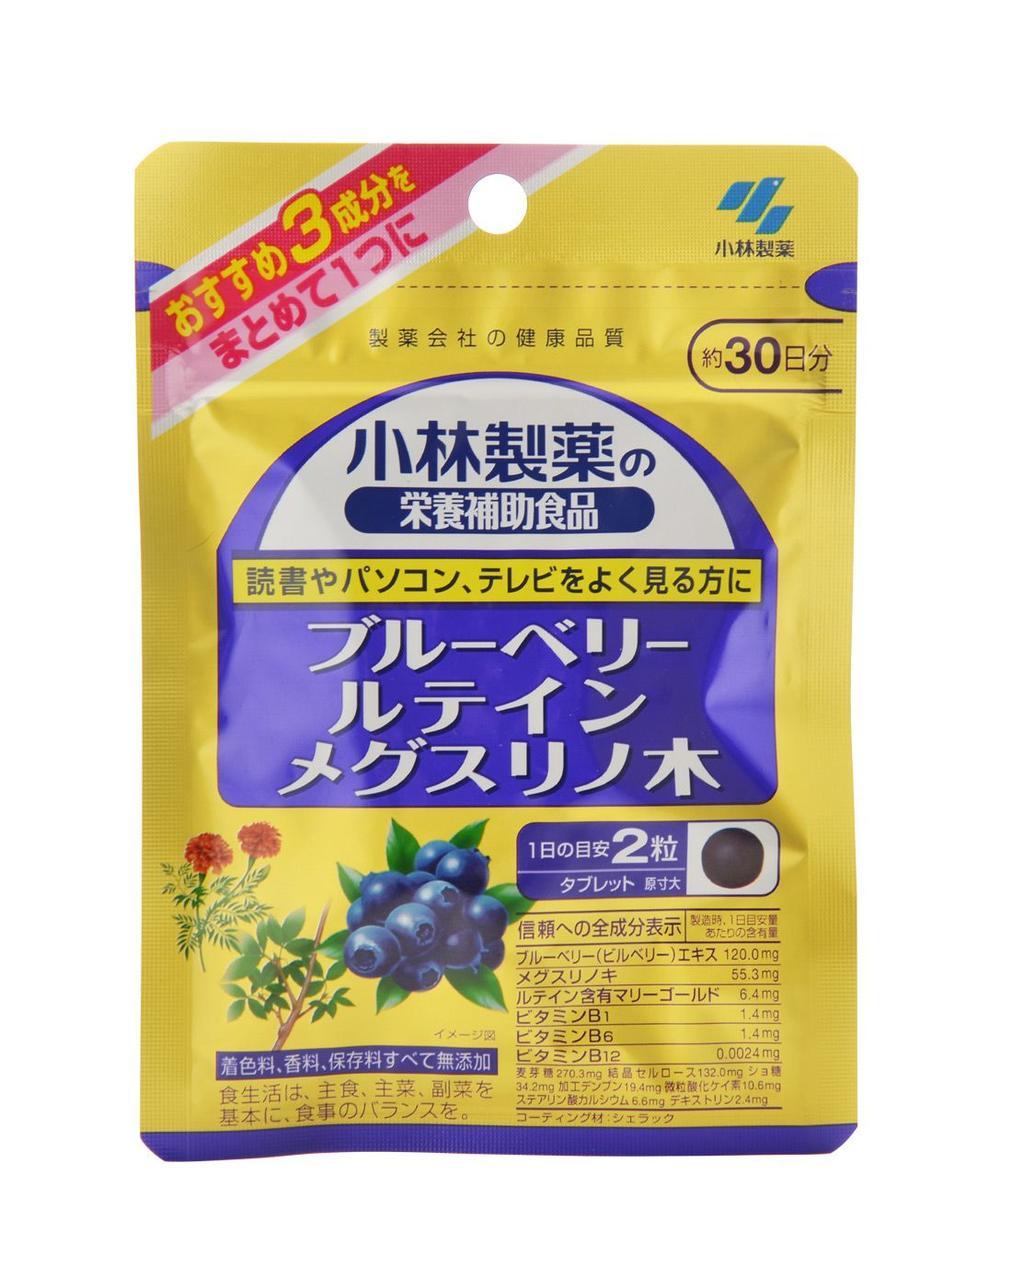 Kobayashi Экстракт черники + лютеин + экстракт клена Максимовича + витамины для глаз 60 шт на 30 дней.